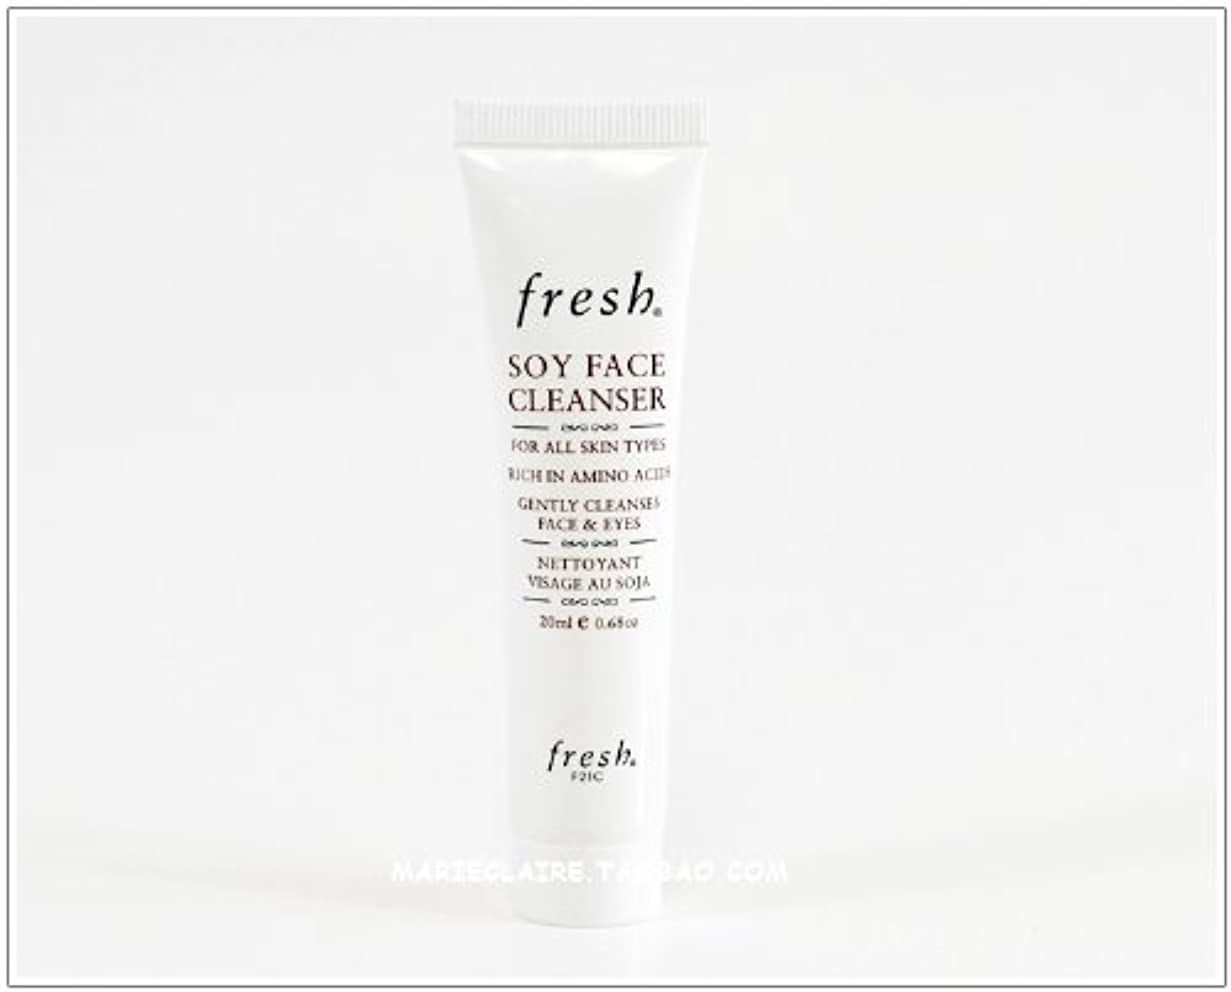 スマッシュピーブ飾り羽Fresh SOY FACE CLEANSER (フレッシュ ソイ フェイス クレンザー) 0.6 oz (20ml) トラベルサイズ by Fresh for Women